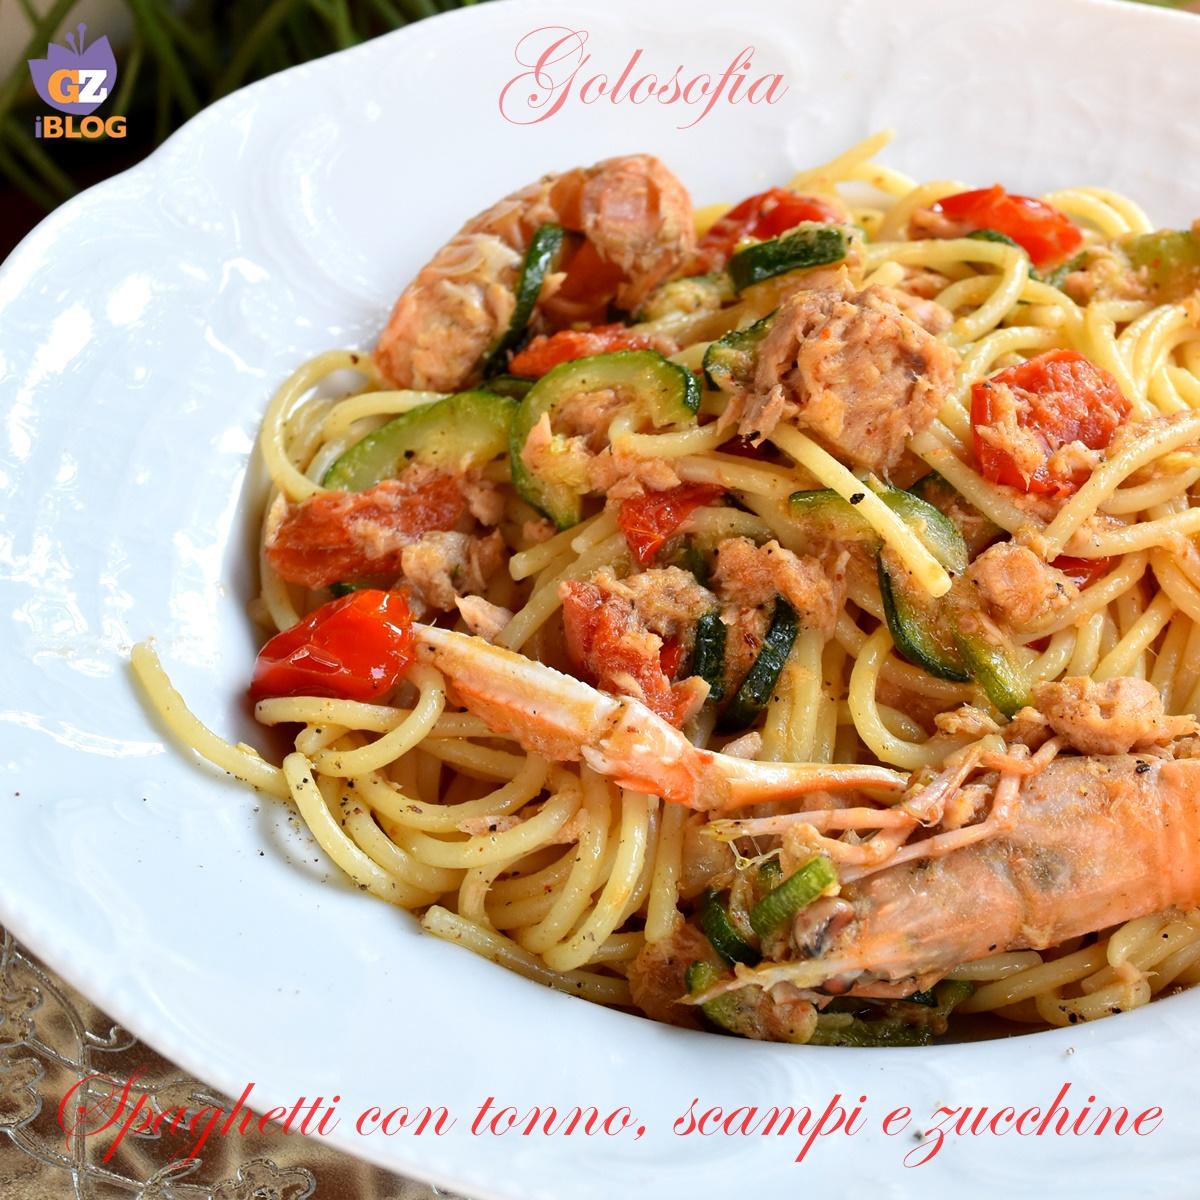 Spaghetti con tonno, scampi e zucchine, ricetta gustosissima